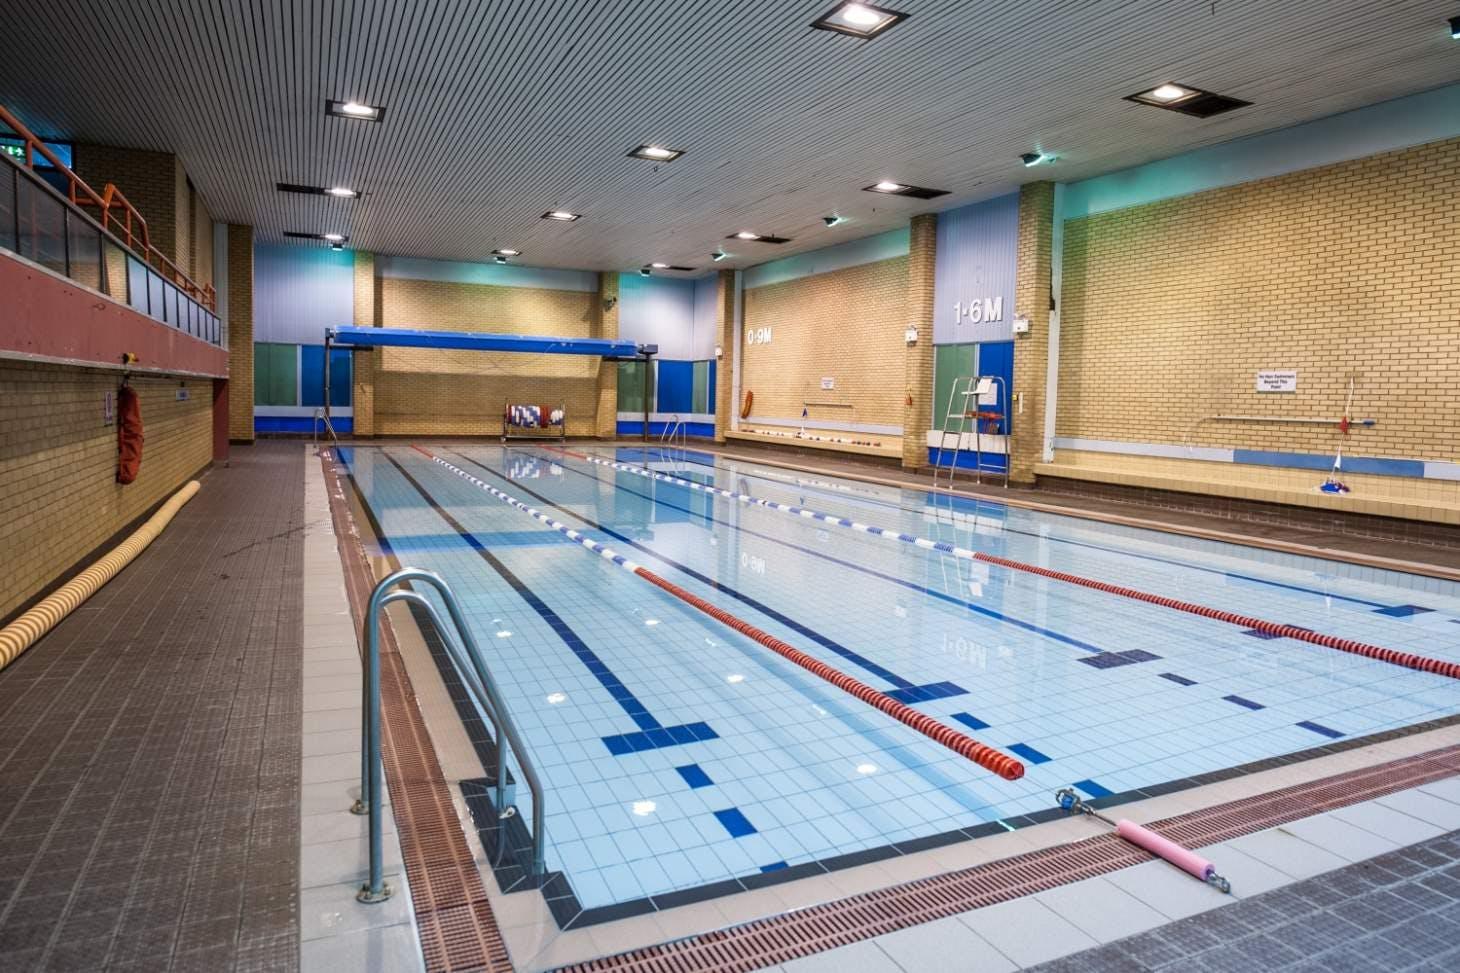 Clarendon Leisure Centre Indoor swimming pool